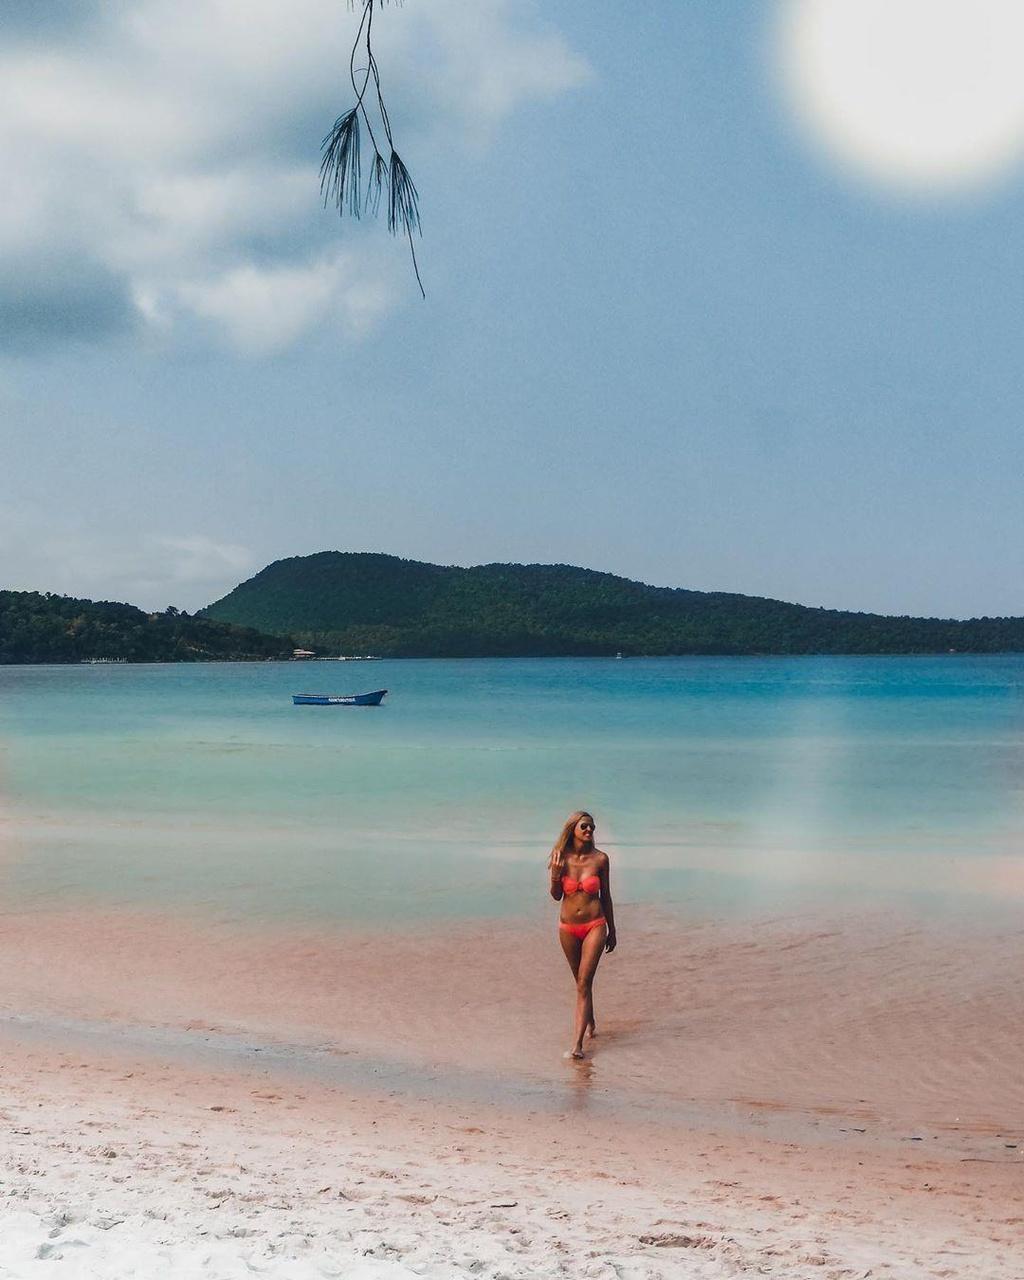 Toi Campuchia, lac loi giua thien duong bien dep ngo Maldives hinh anh 15